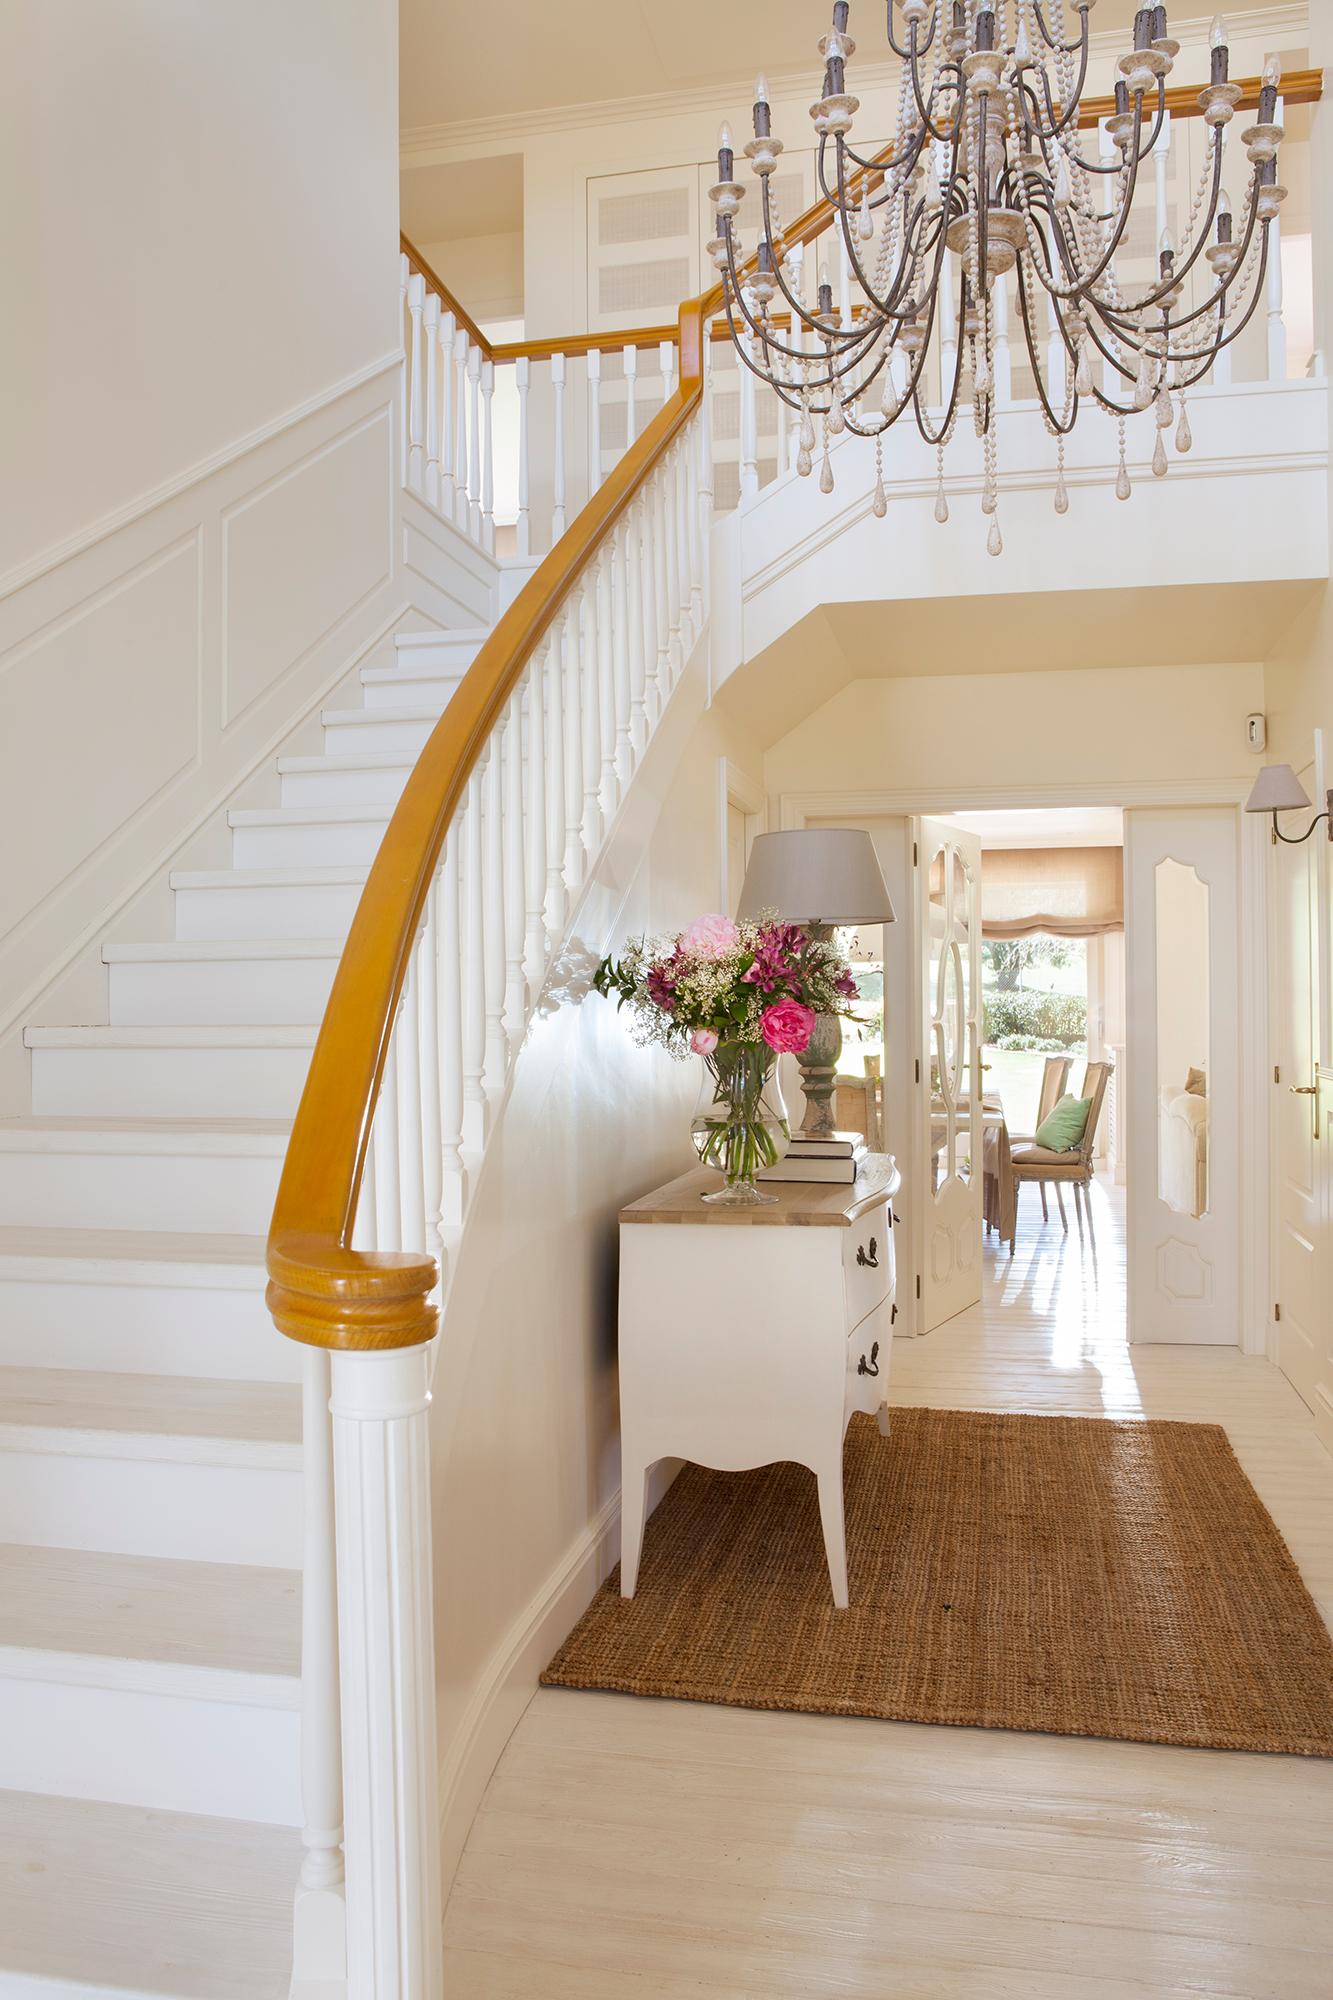 Escaleras c mo planificarlas con acierto for Como trazar una escalera de madera